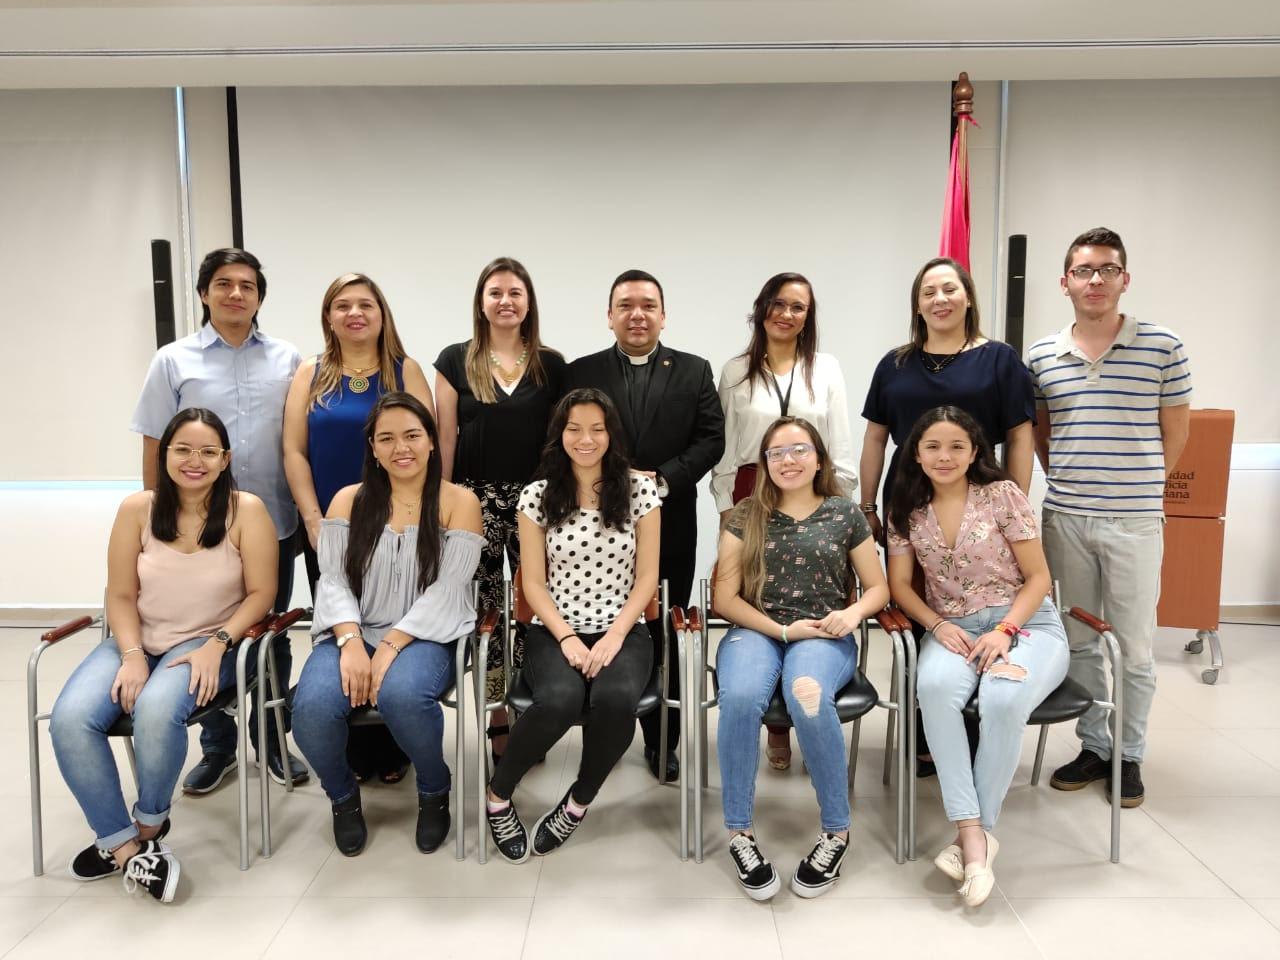 Entregadas las becas UPB y CAVIPETROL para la promoción de la educación en Santander | EL FRENTE